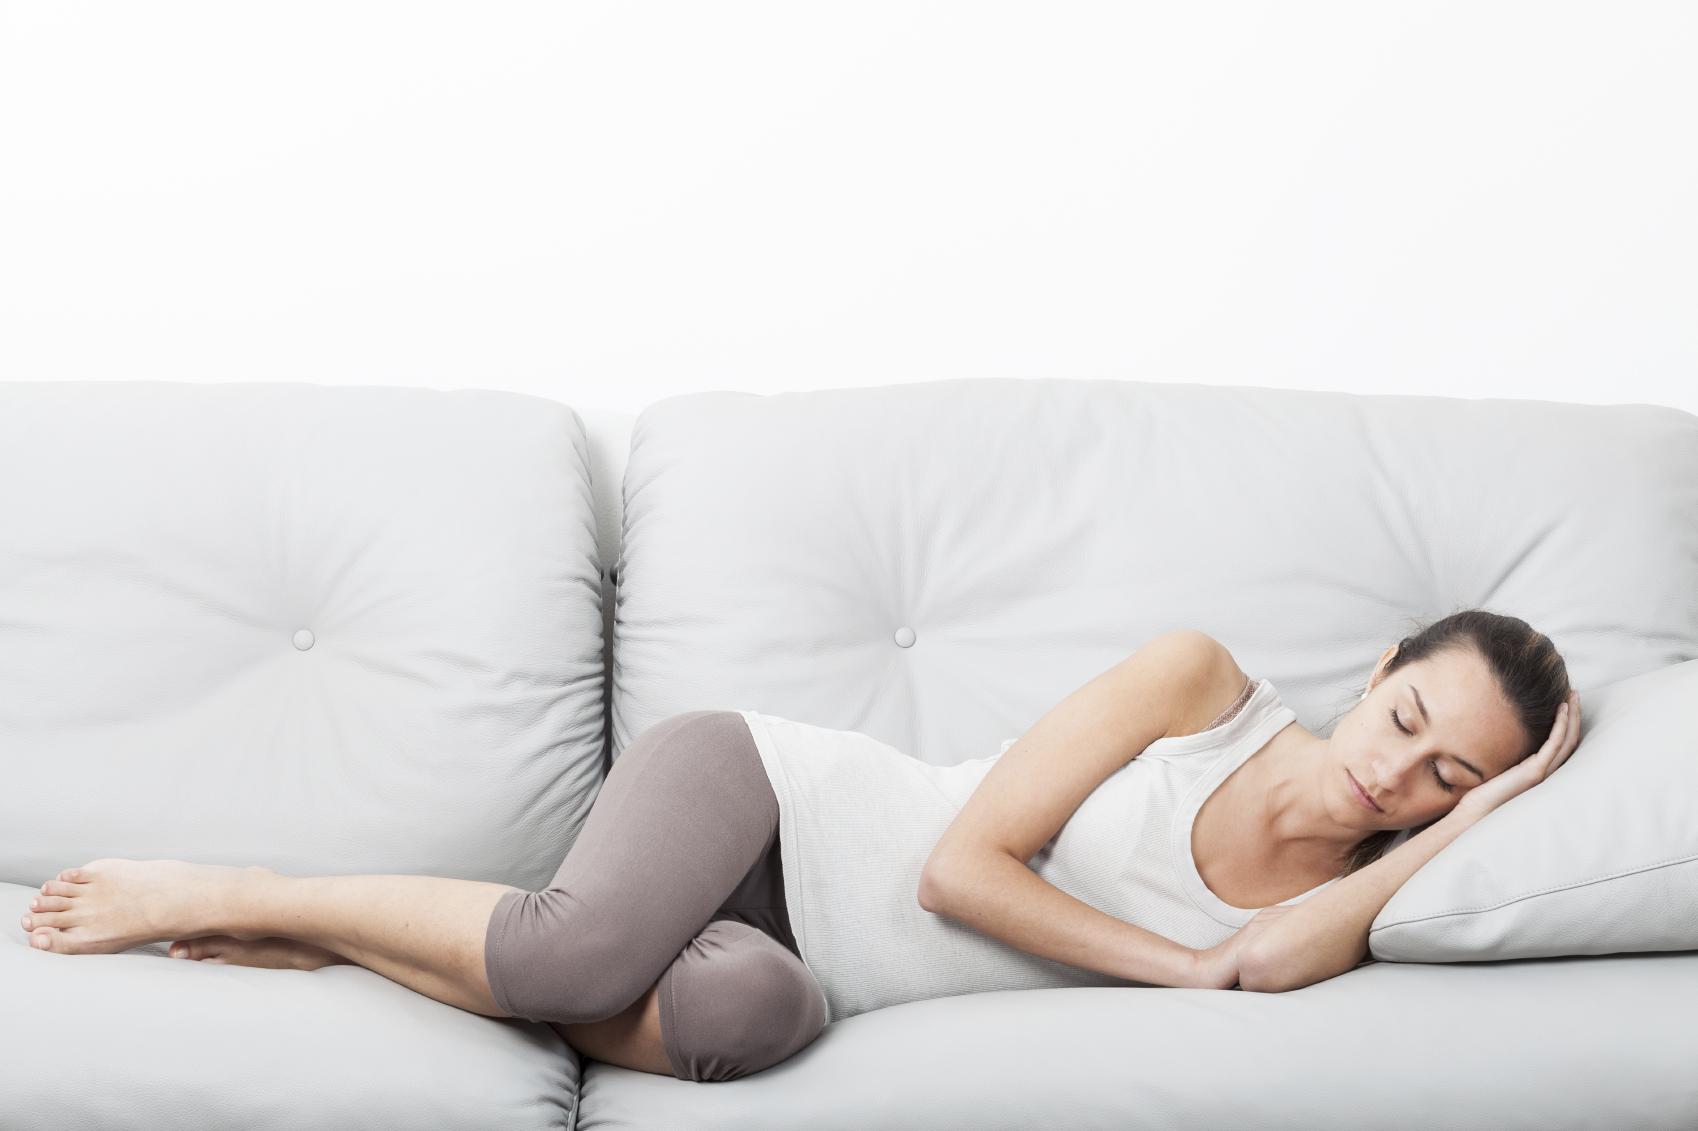 Uma mulher dormindo no sofá. (imagem)